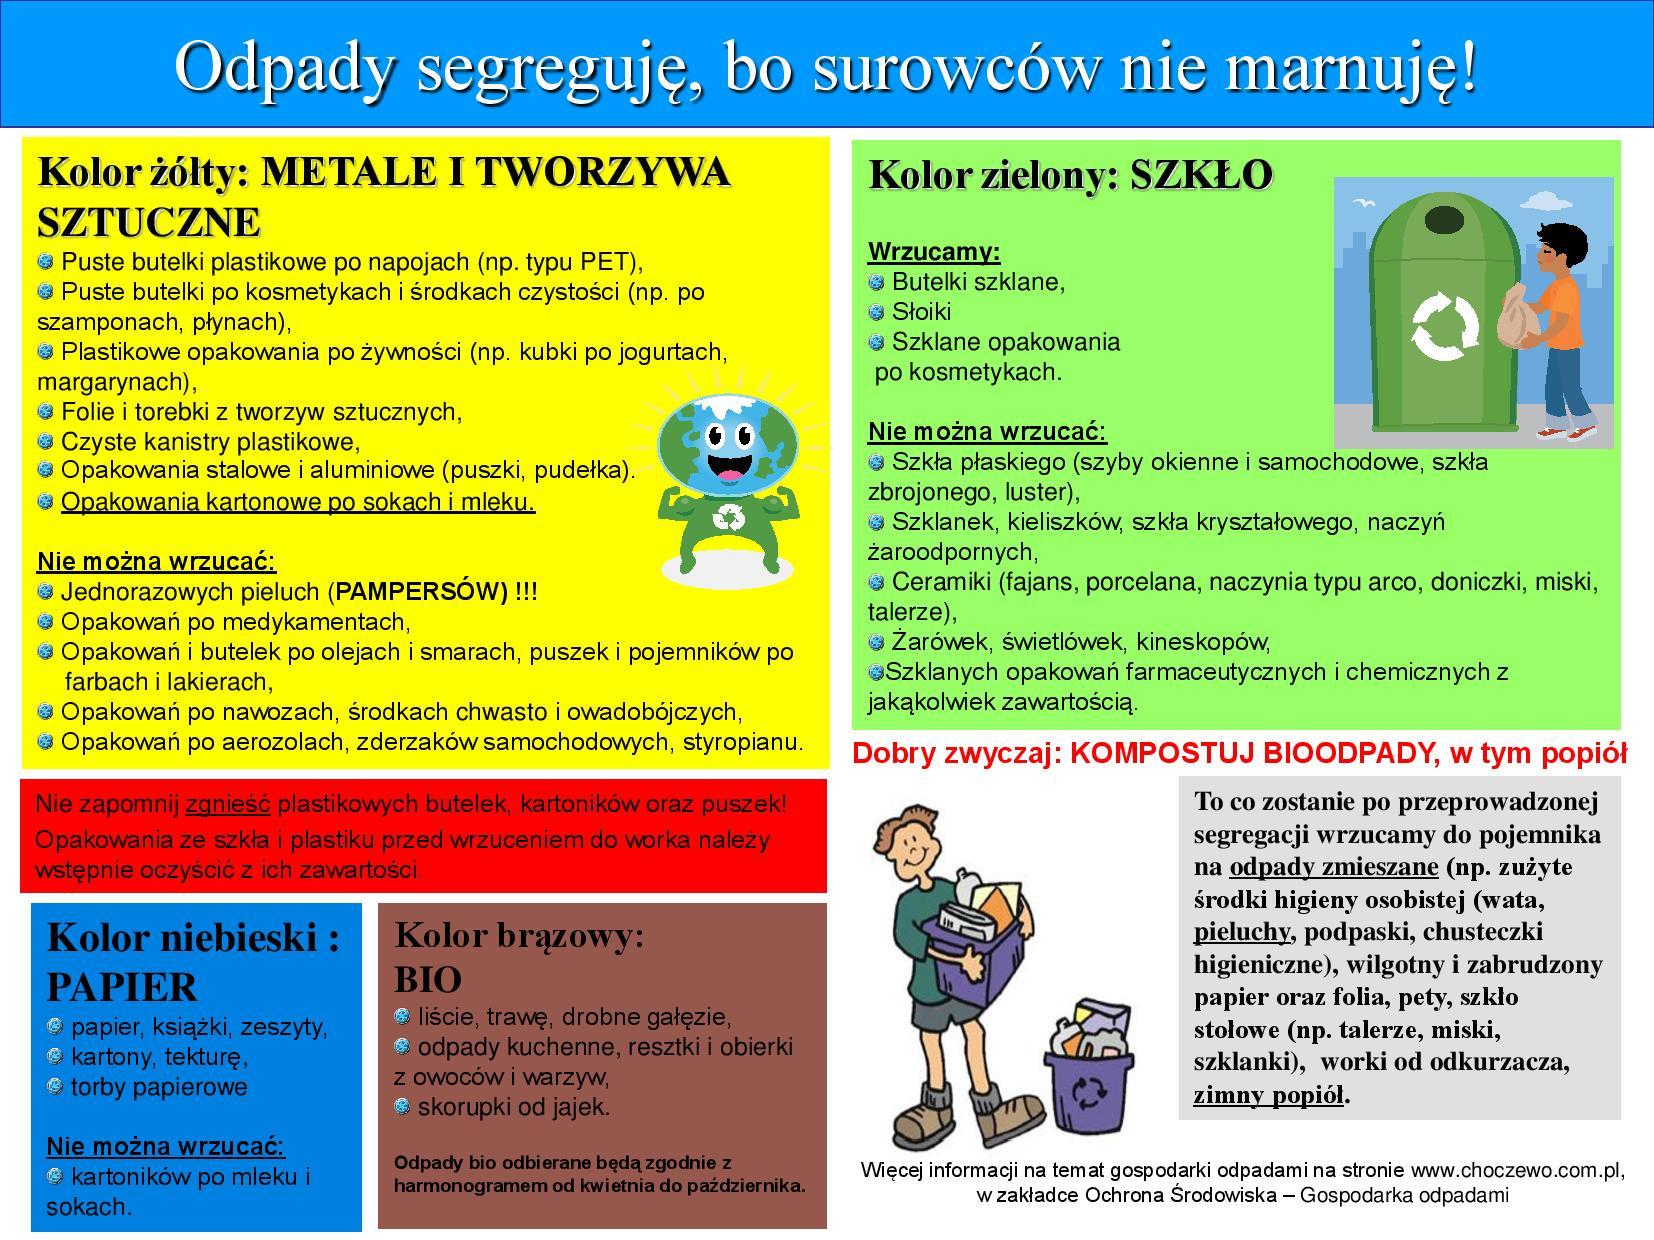 Segregacja_Choczewo_I